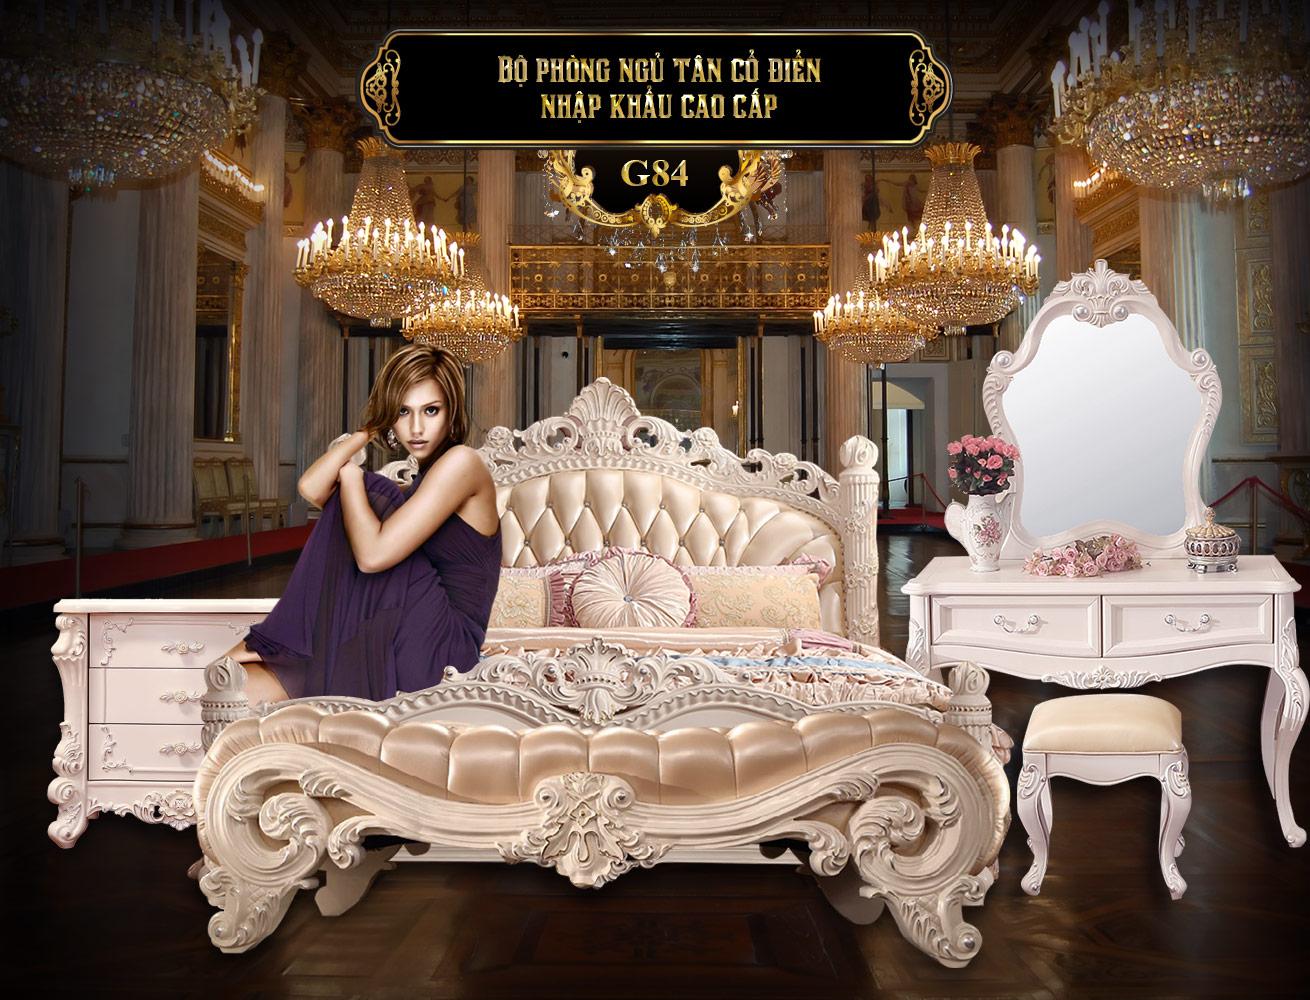 Bộ phòng ngủ tân cổ điển trắng G84 | Giường gỗ Sồi trắng cao cấp | Giường ngủ gỗ Sồi tại Hà Nội